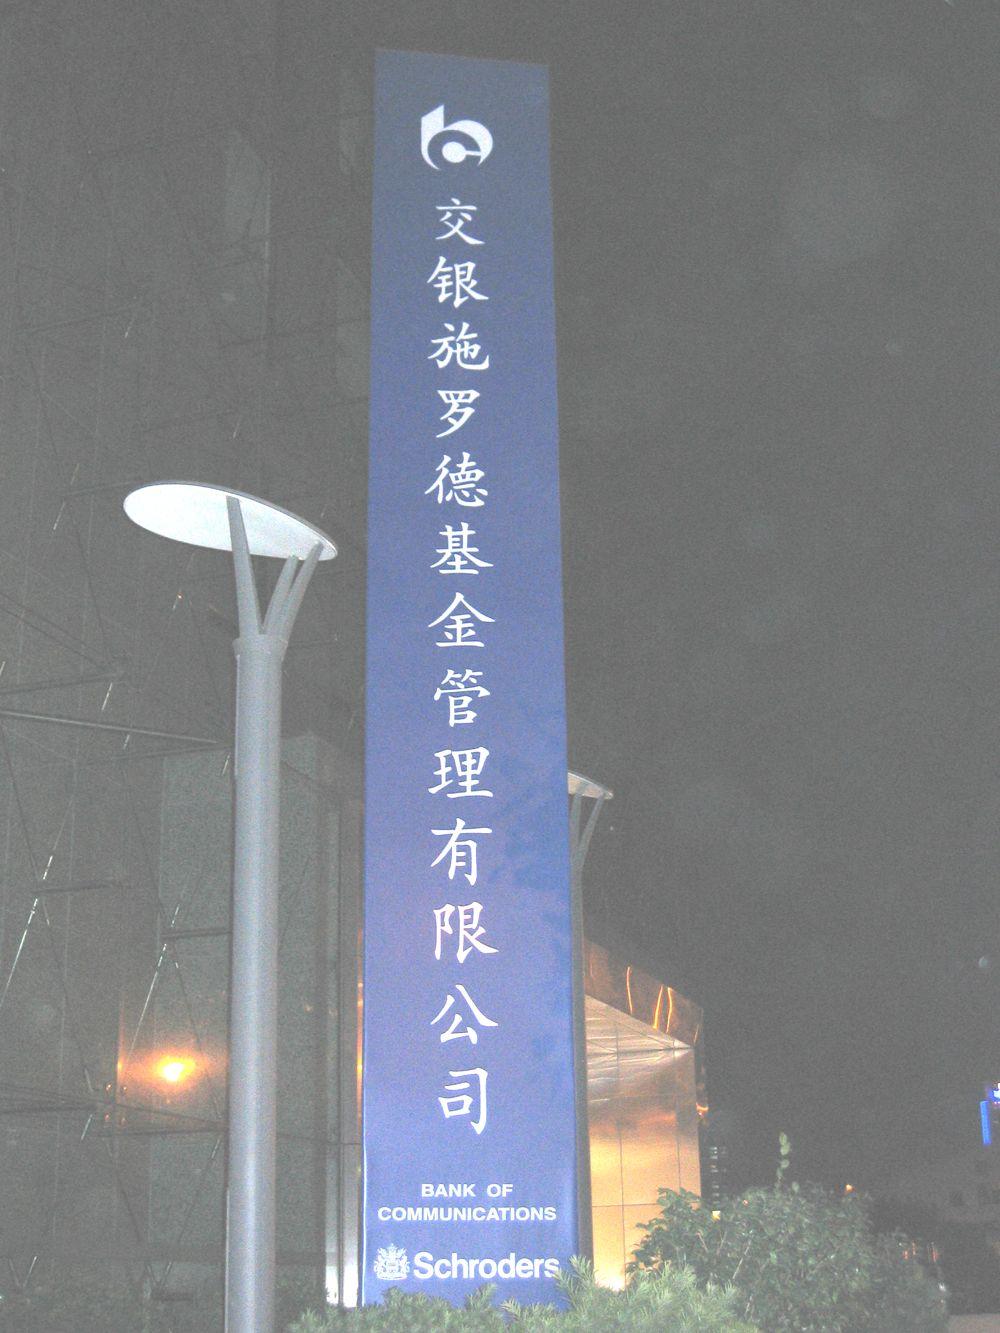 mactac films-adhesifs-communication-visuelle-MACal-9700-Pro-Starflex-5000-Bank-of-Communications-light-box-China